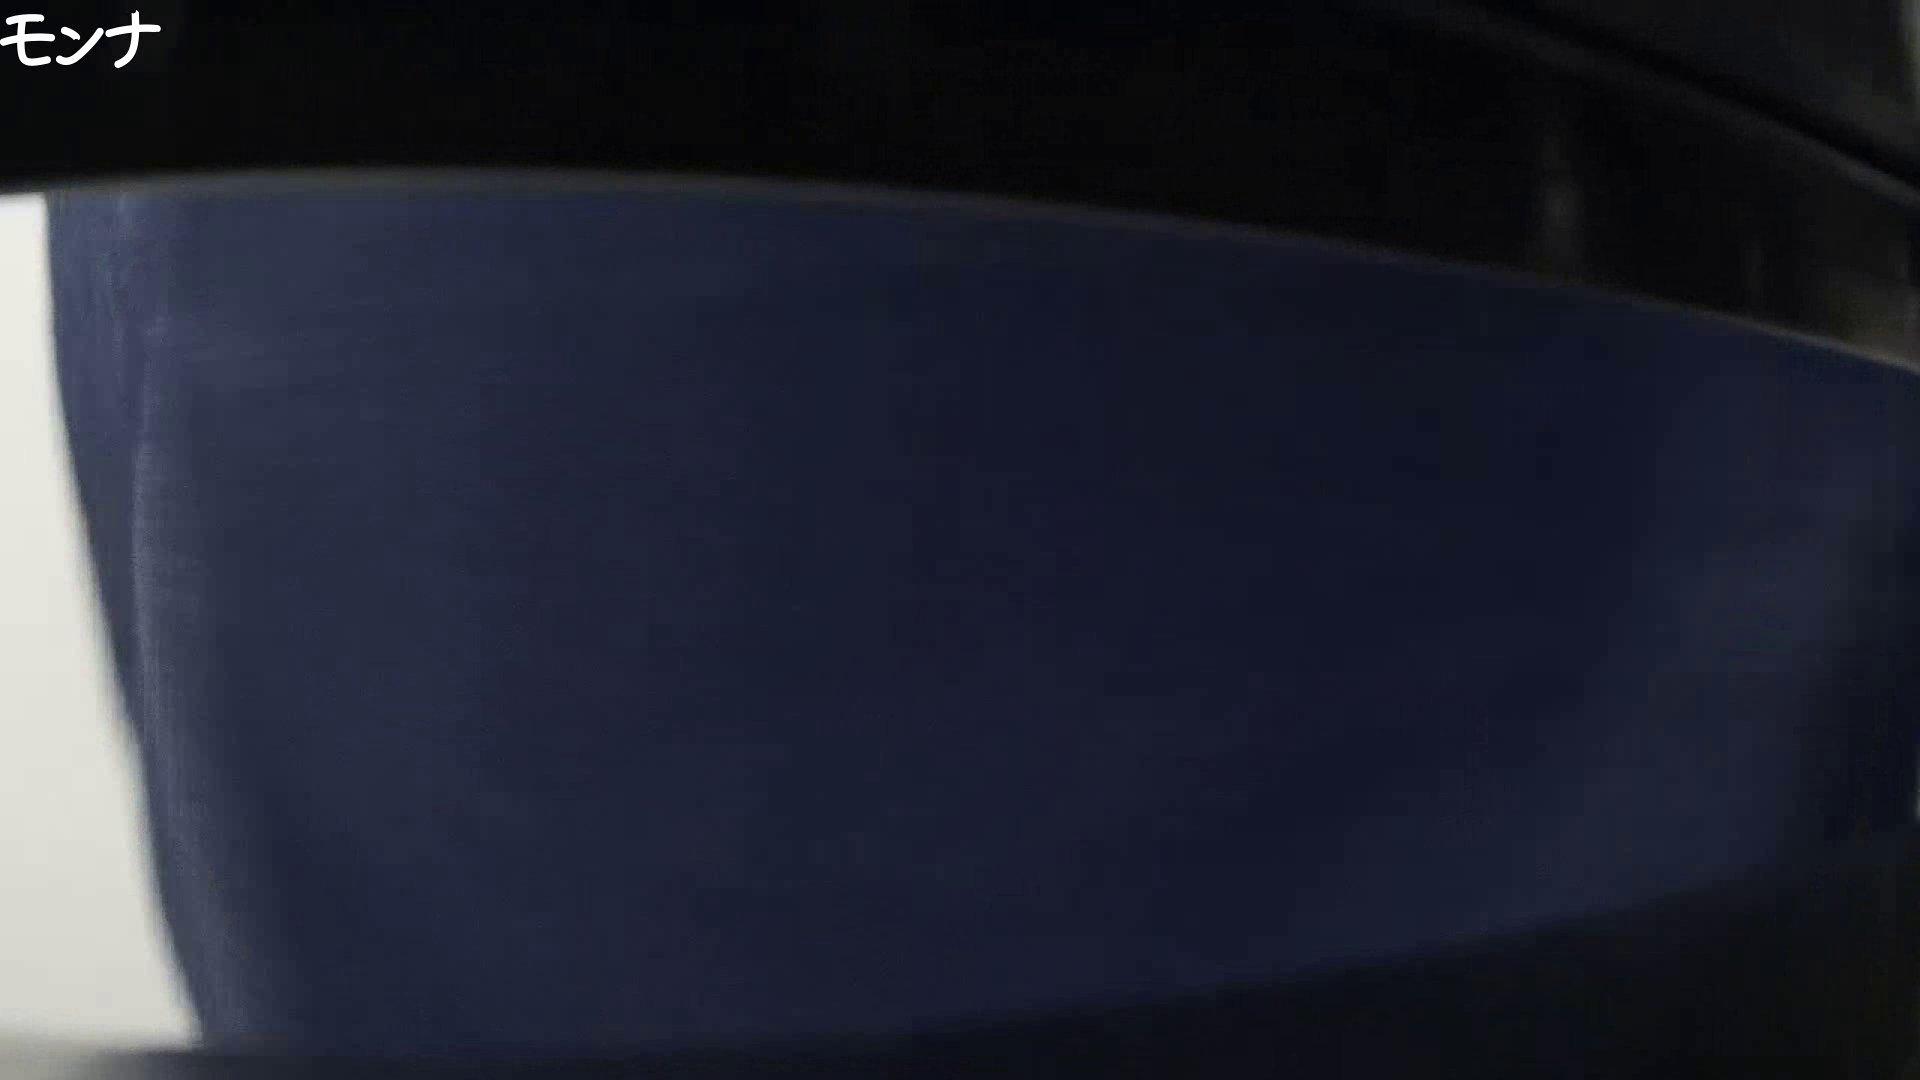 有名大学女性洗面所 vol.66 清楚系女子をがっつり!! 投稿 われめAV動画紹介 53pic 40